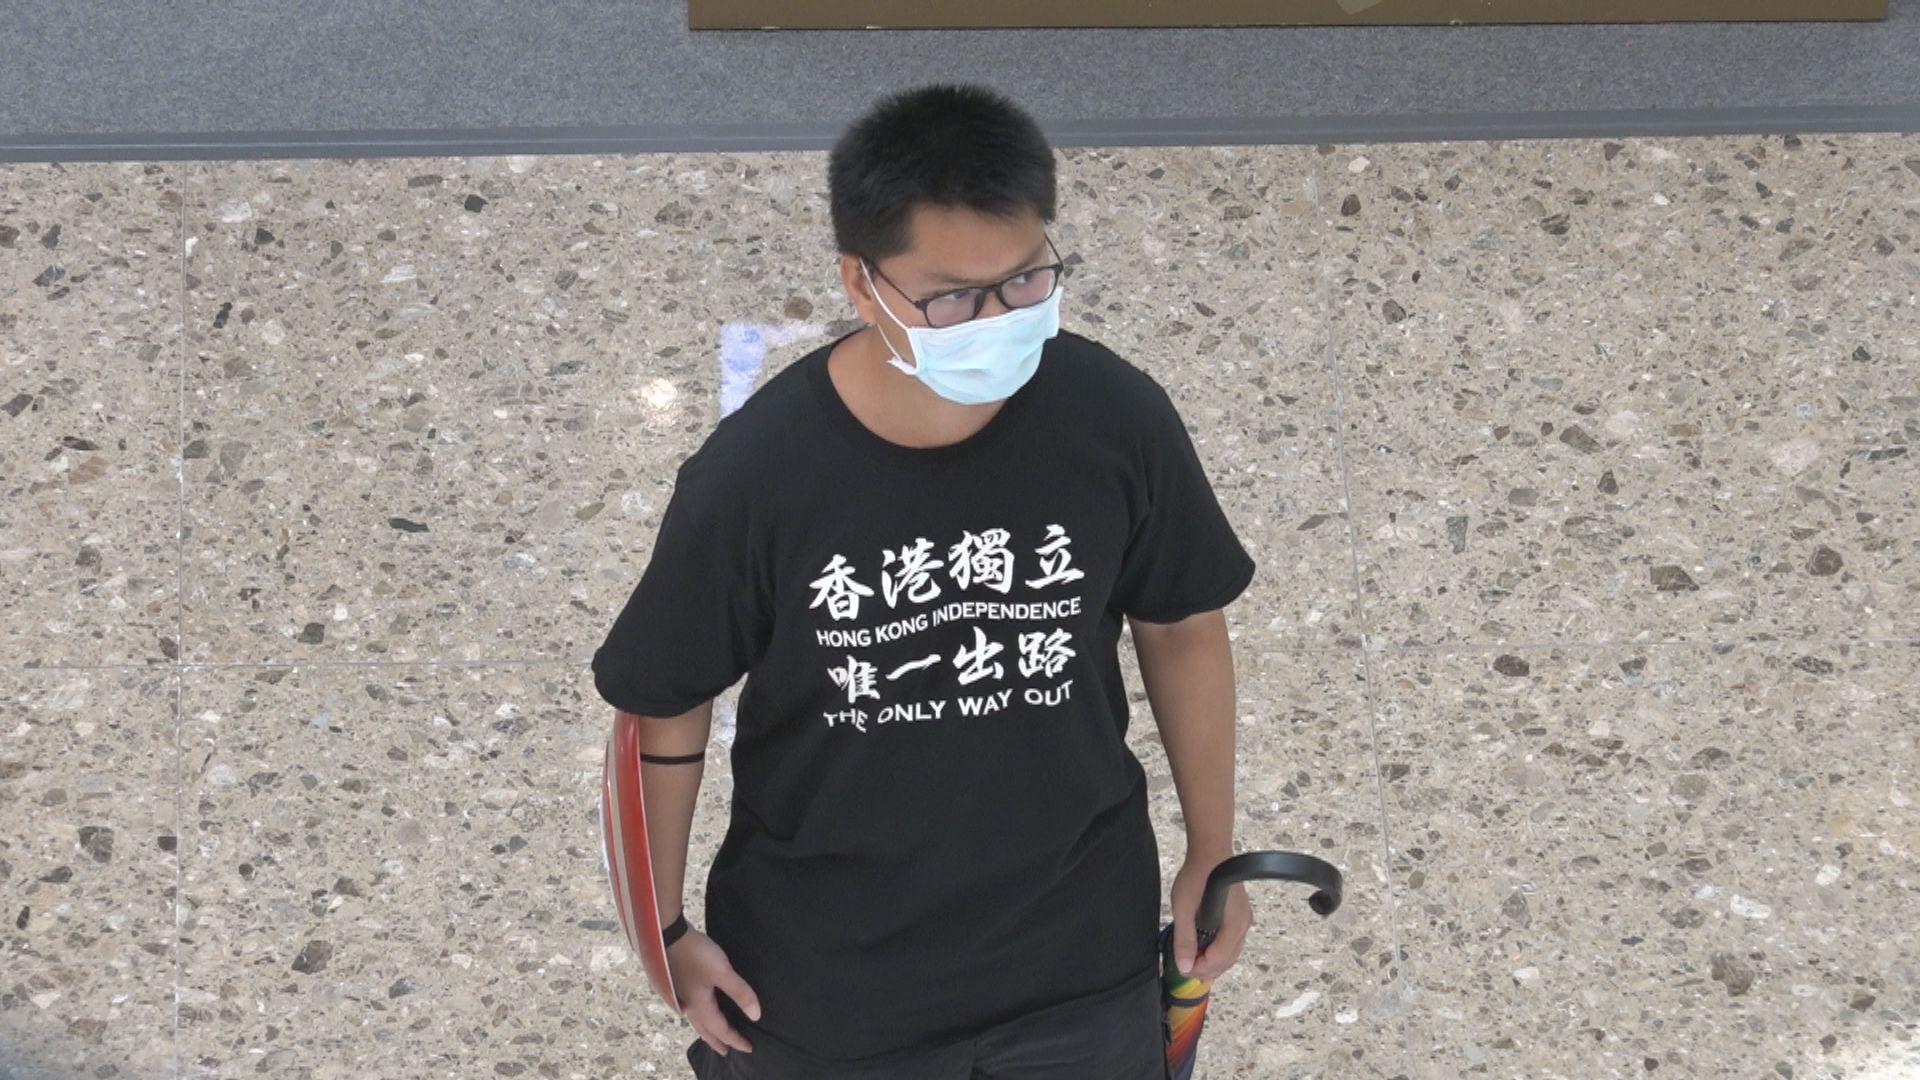 「二代美國隊長」馬俊文煽動他人分裂國家罪開審 他否認控罪